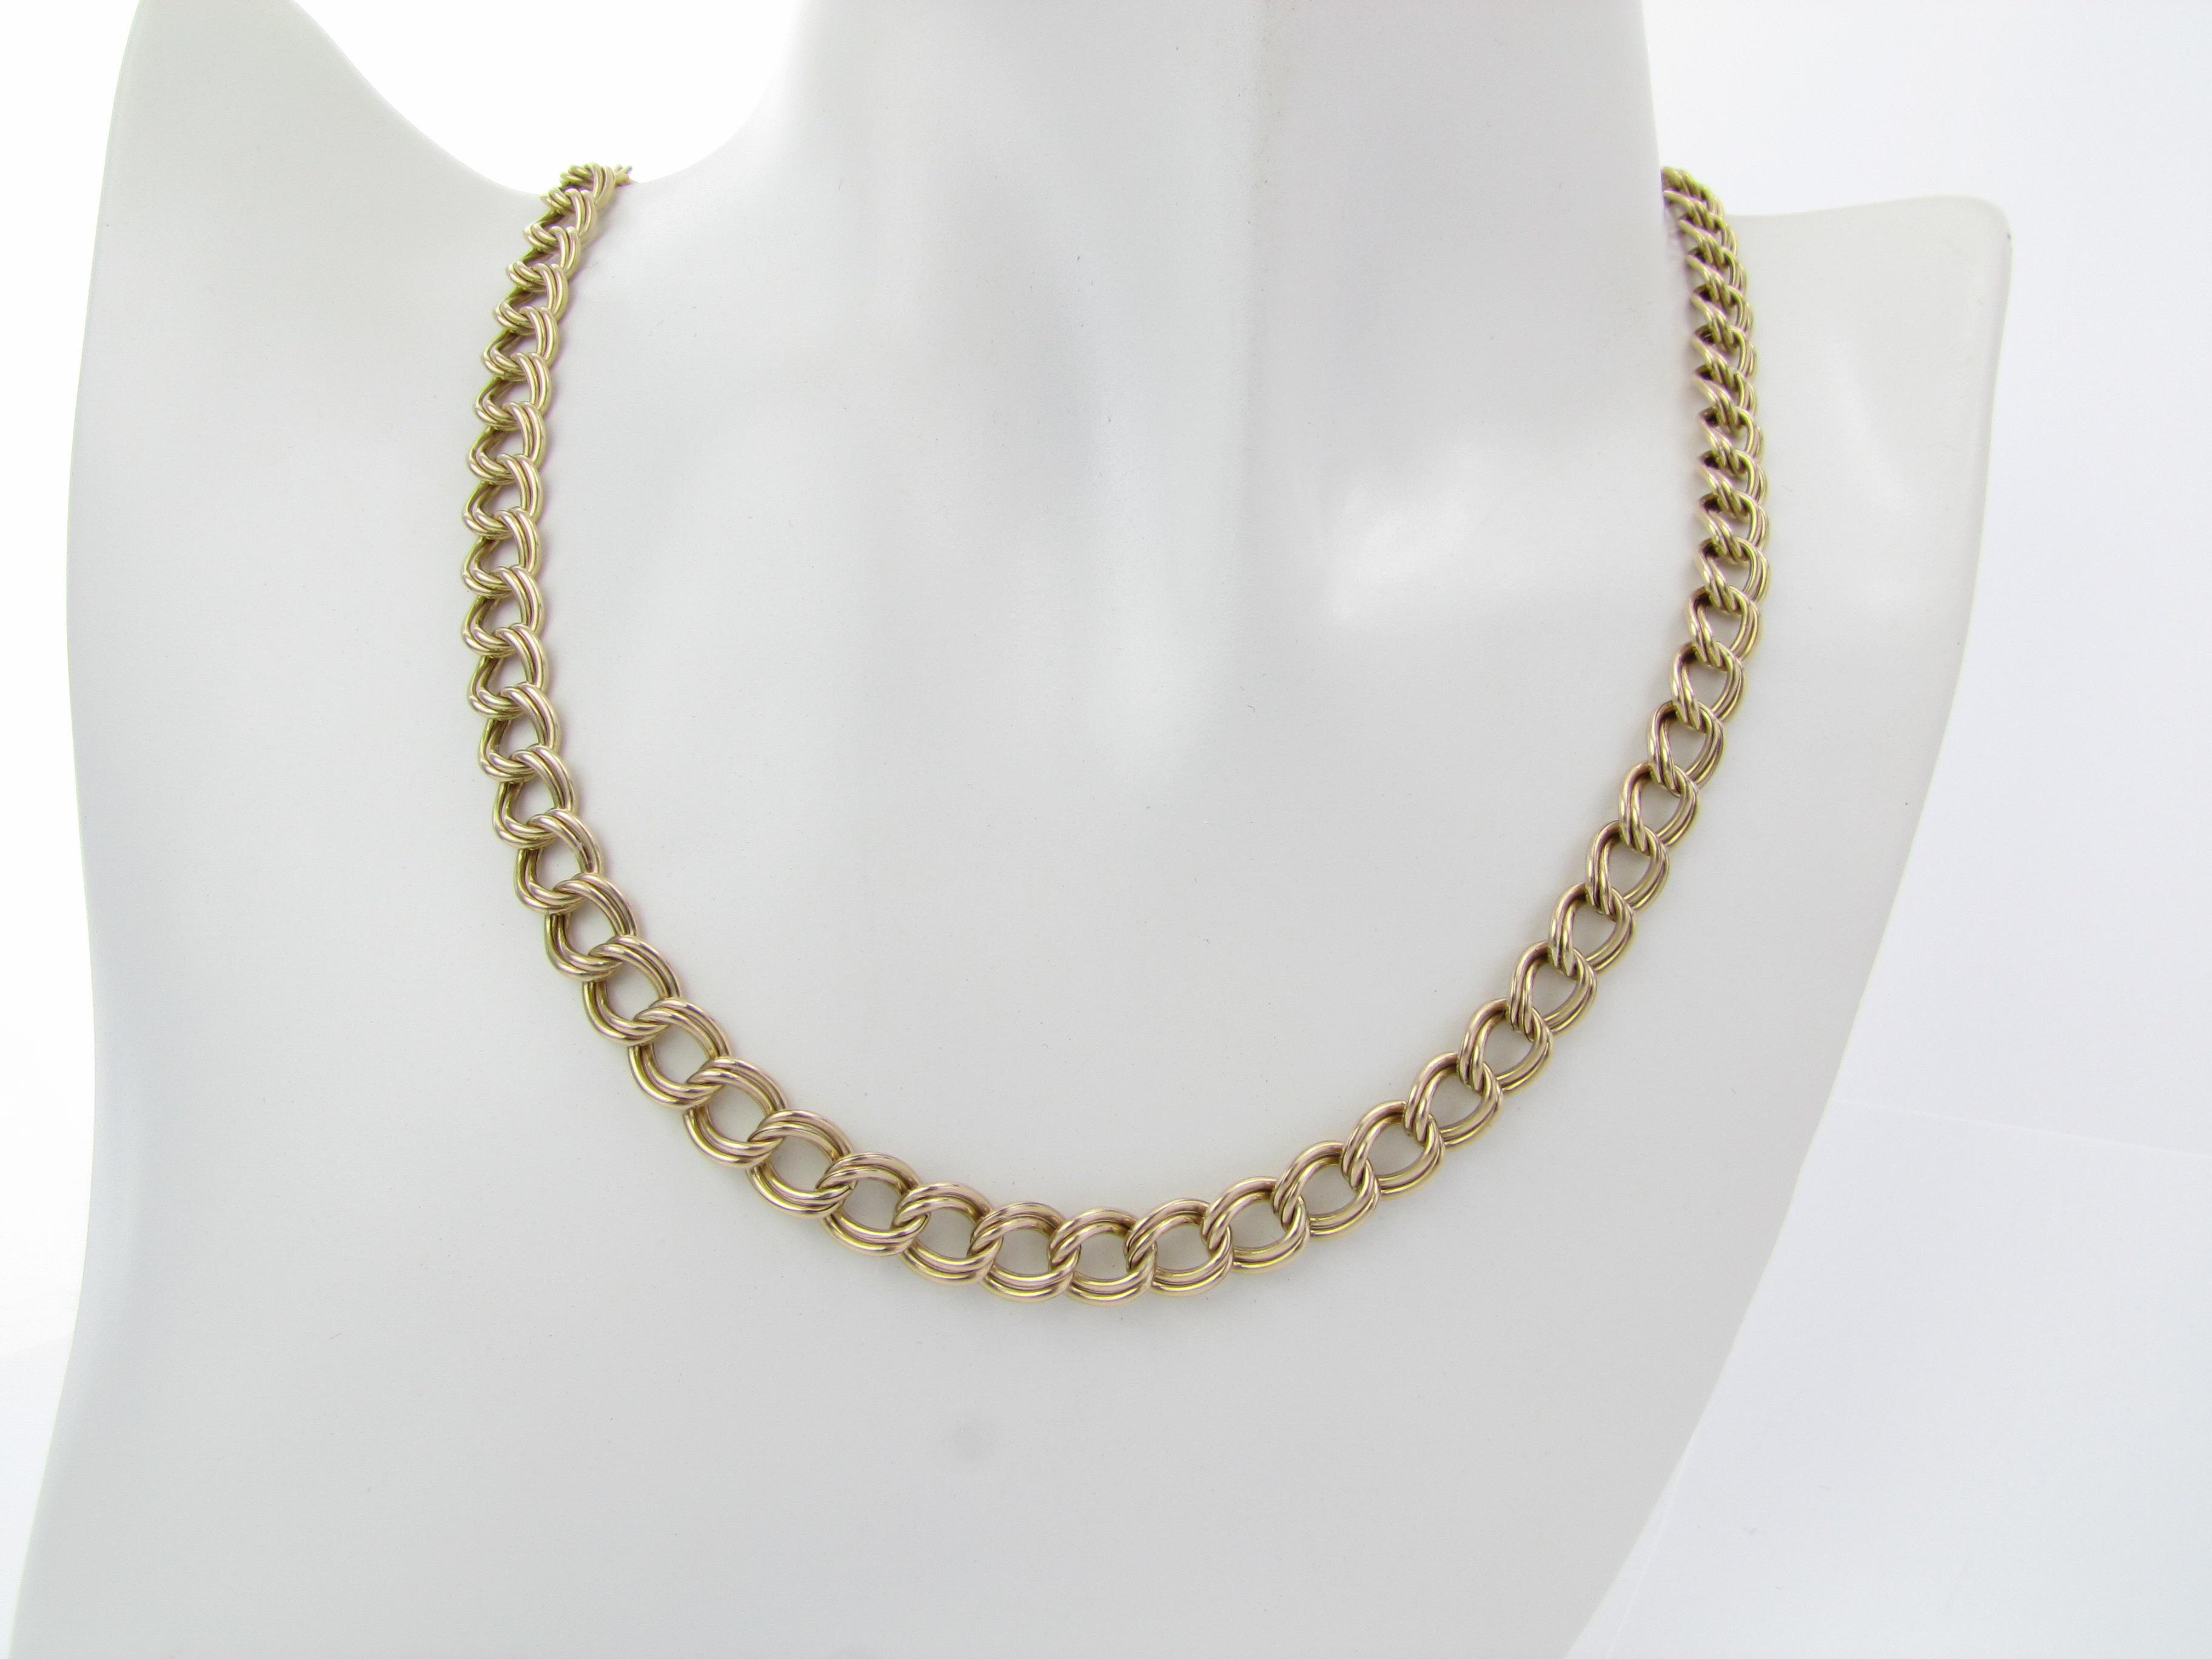 Fantastisk flot halskæde i 9 karat guld